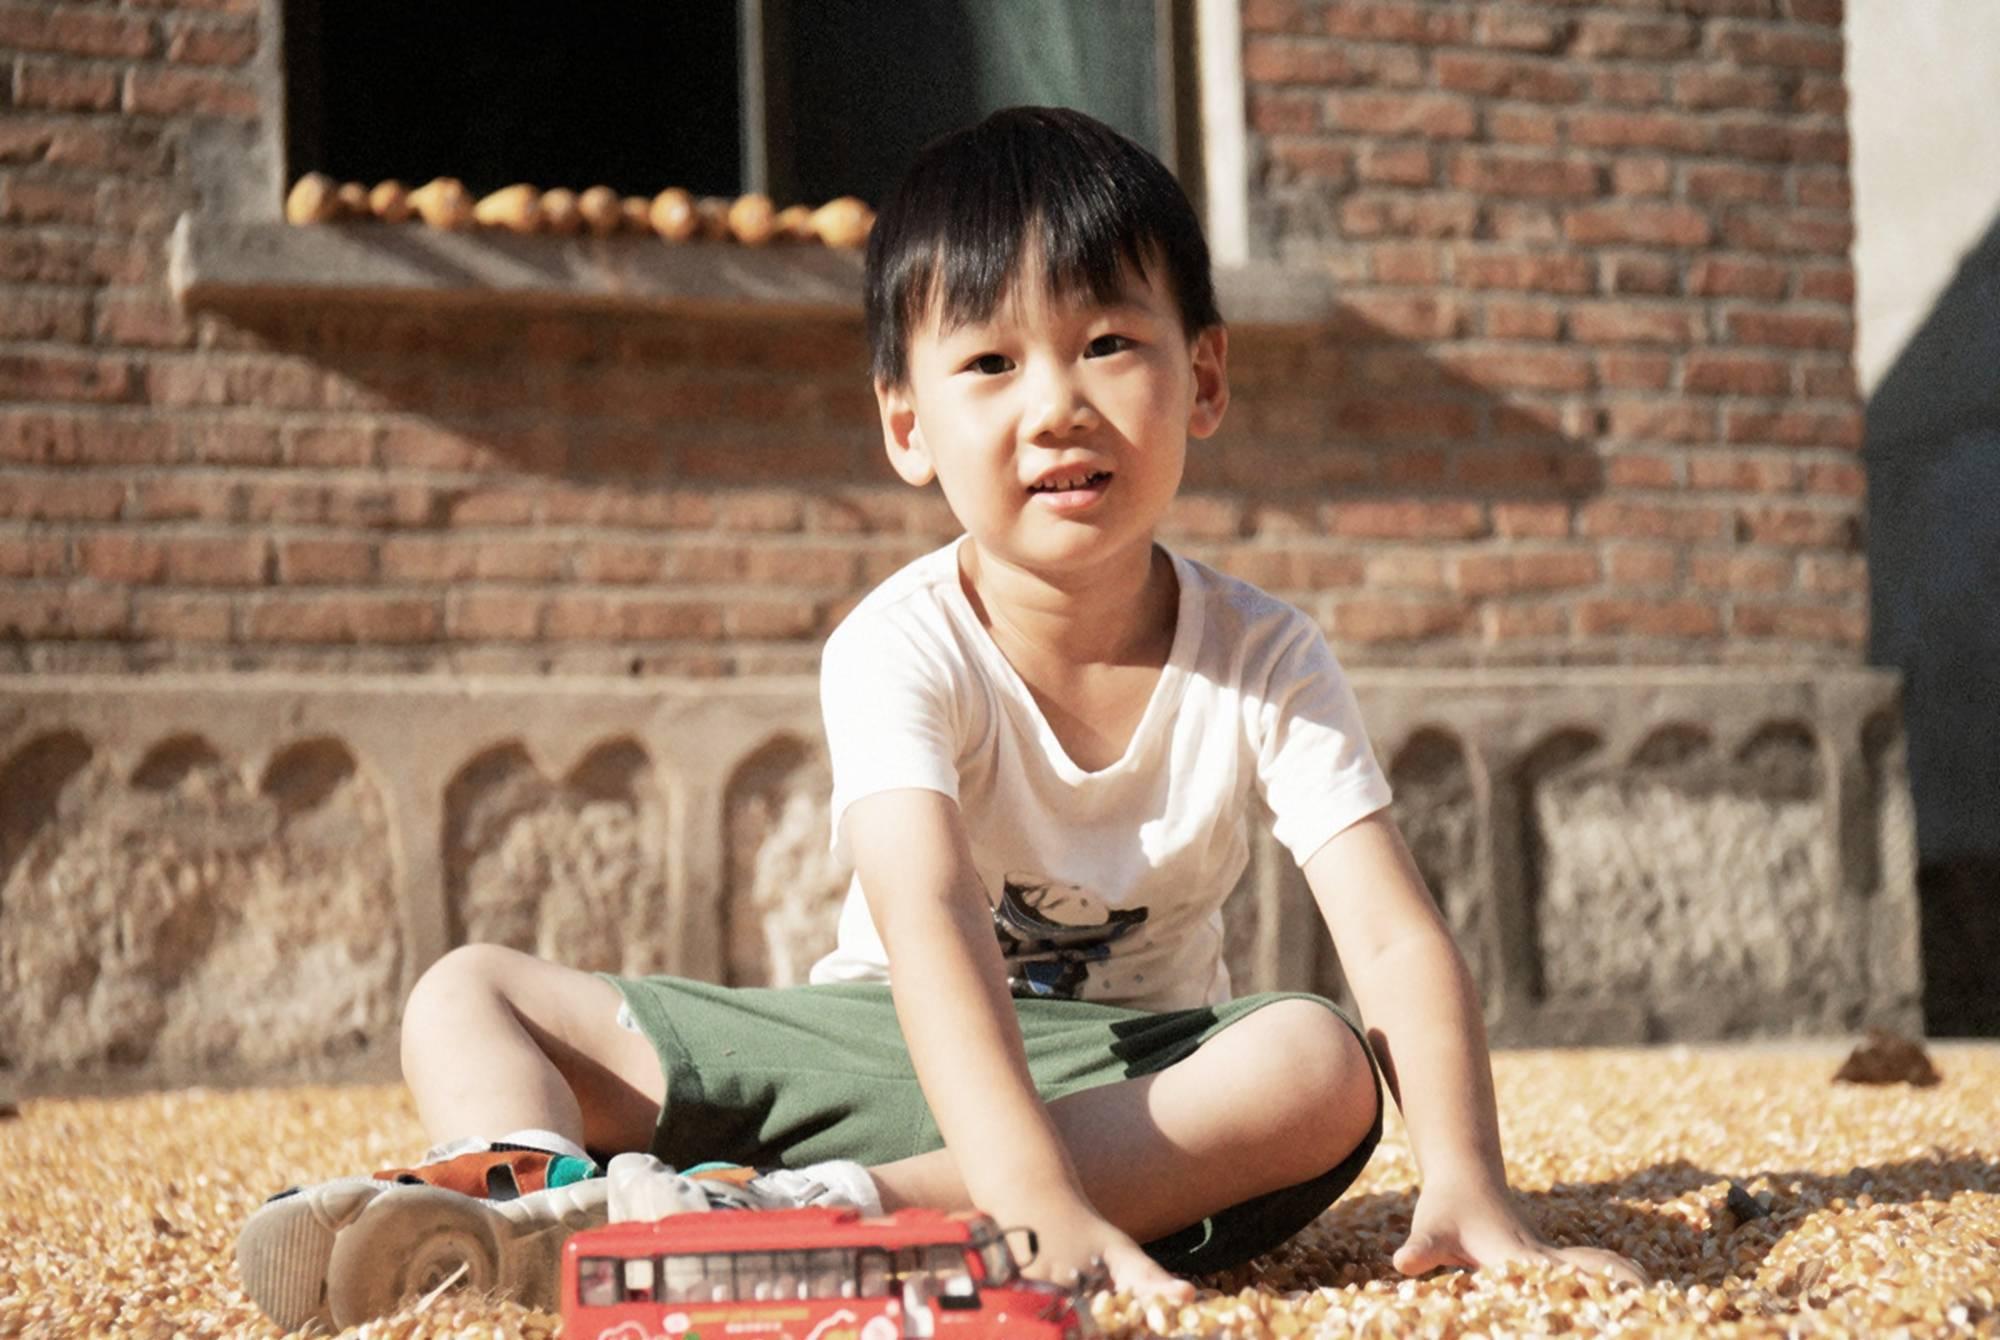 李玫瑾:孩子是不是读书的料,看眼神专注度就知晓,不用等他长大